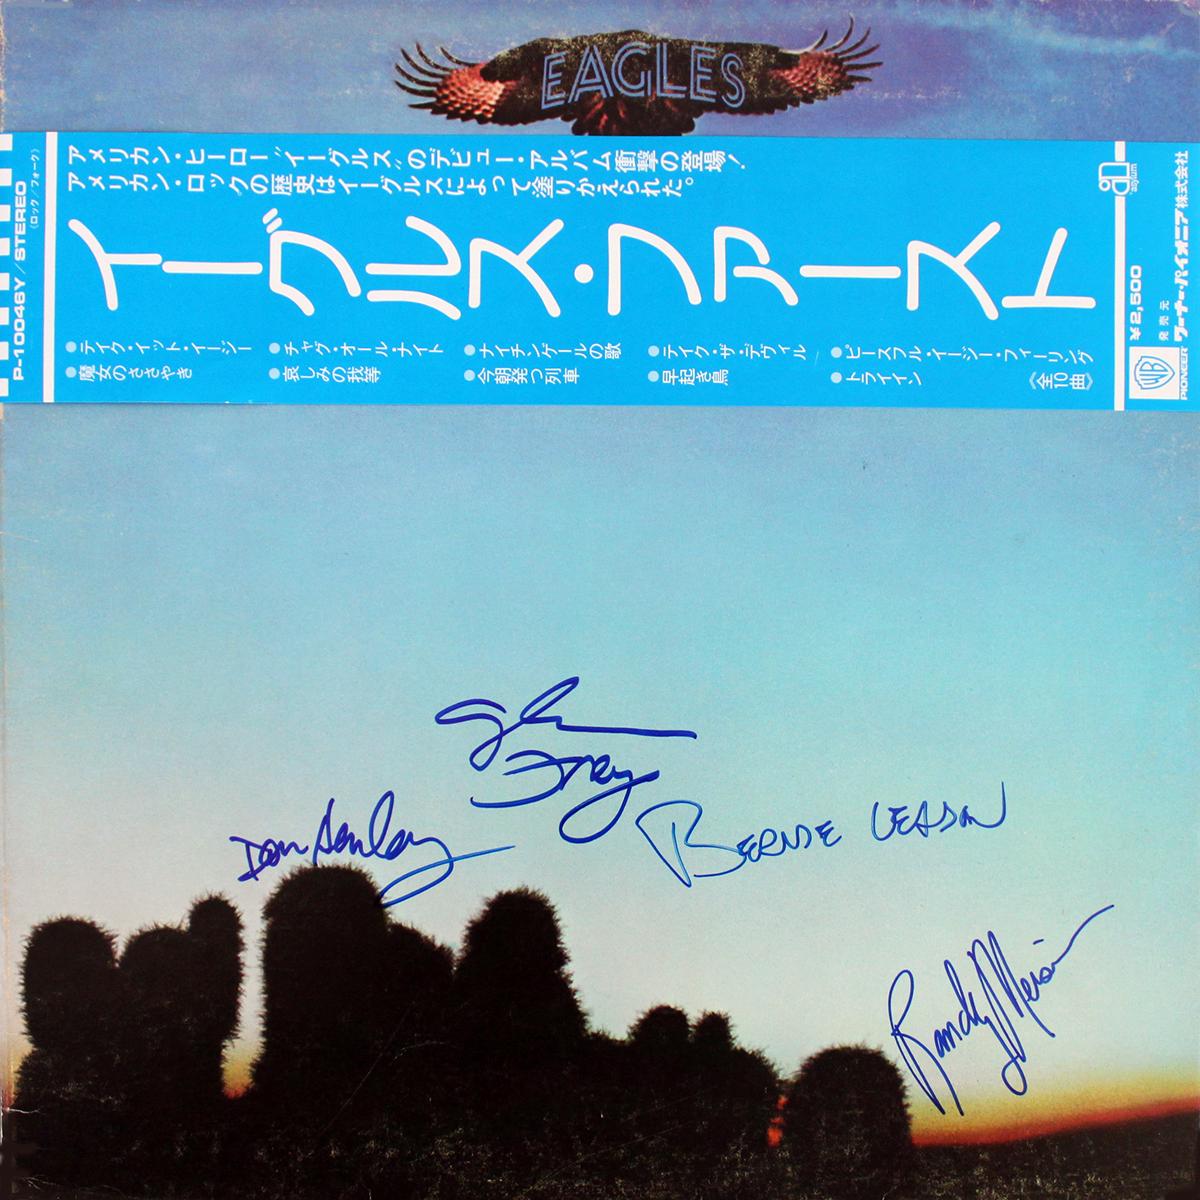 Eagles LP - Eagles Japanese Import